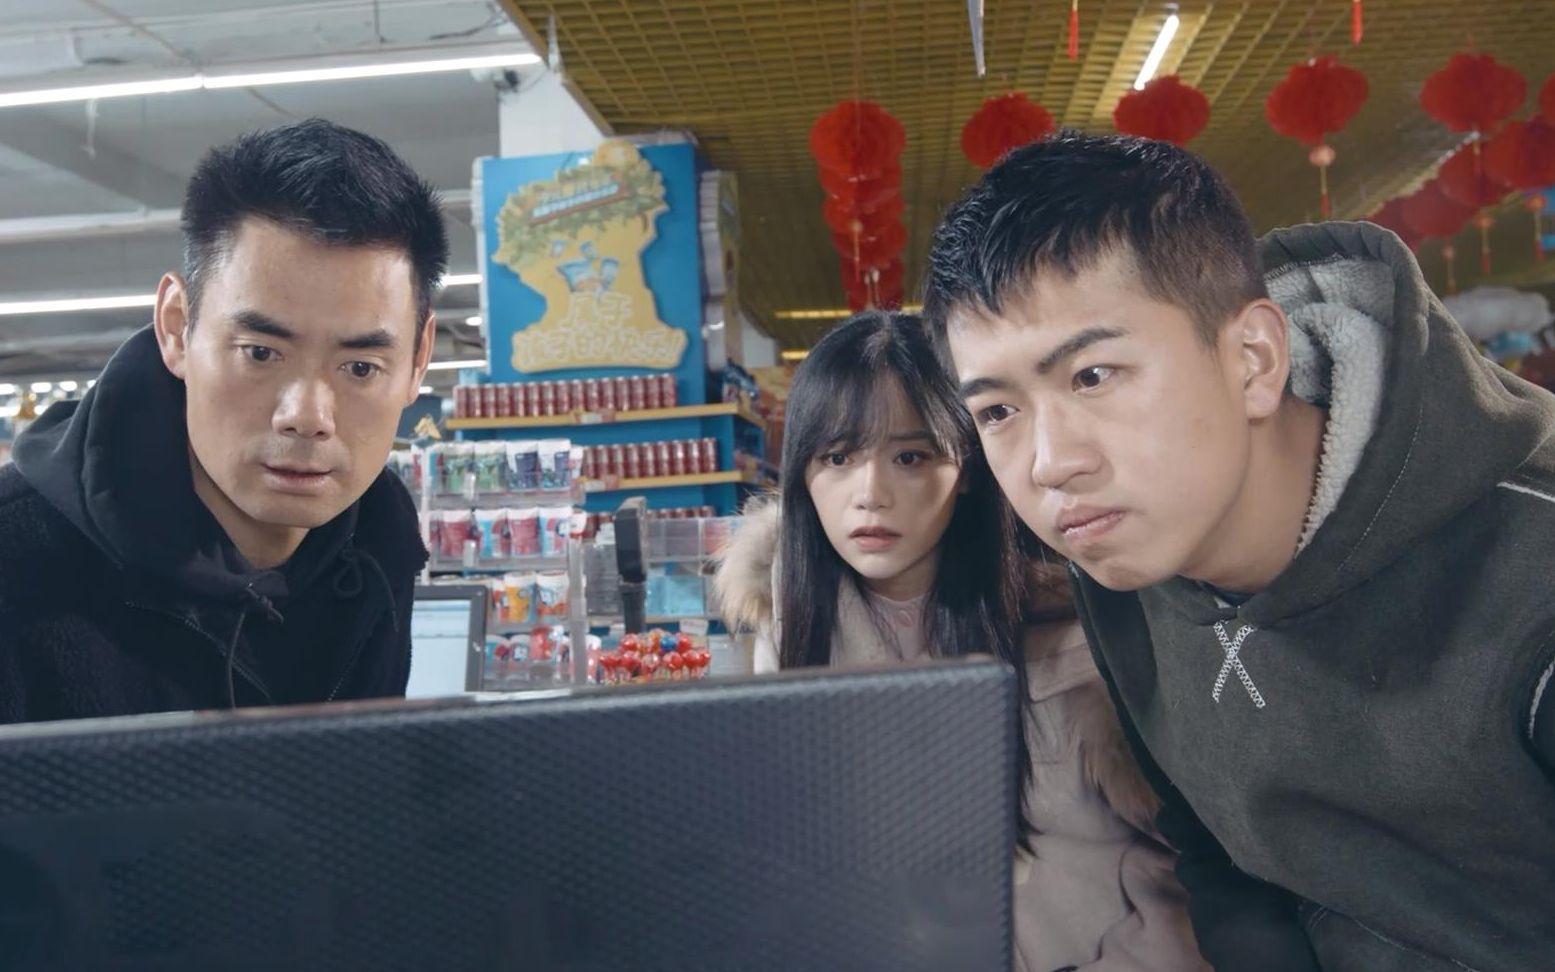 陈翔六点半:小情侣非说杂货铺老板没找钱,看监控后傻眼了!